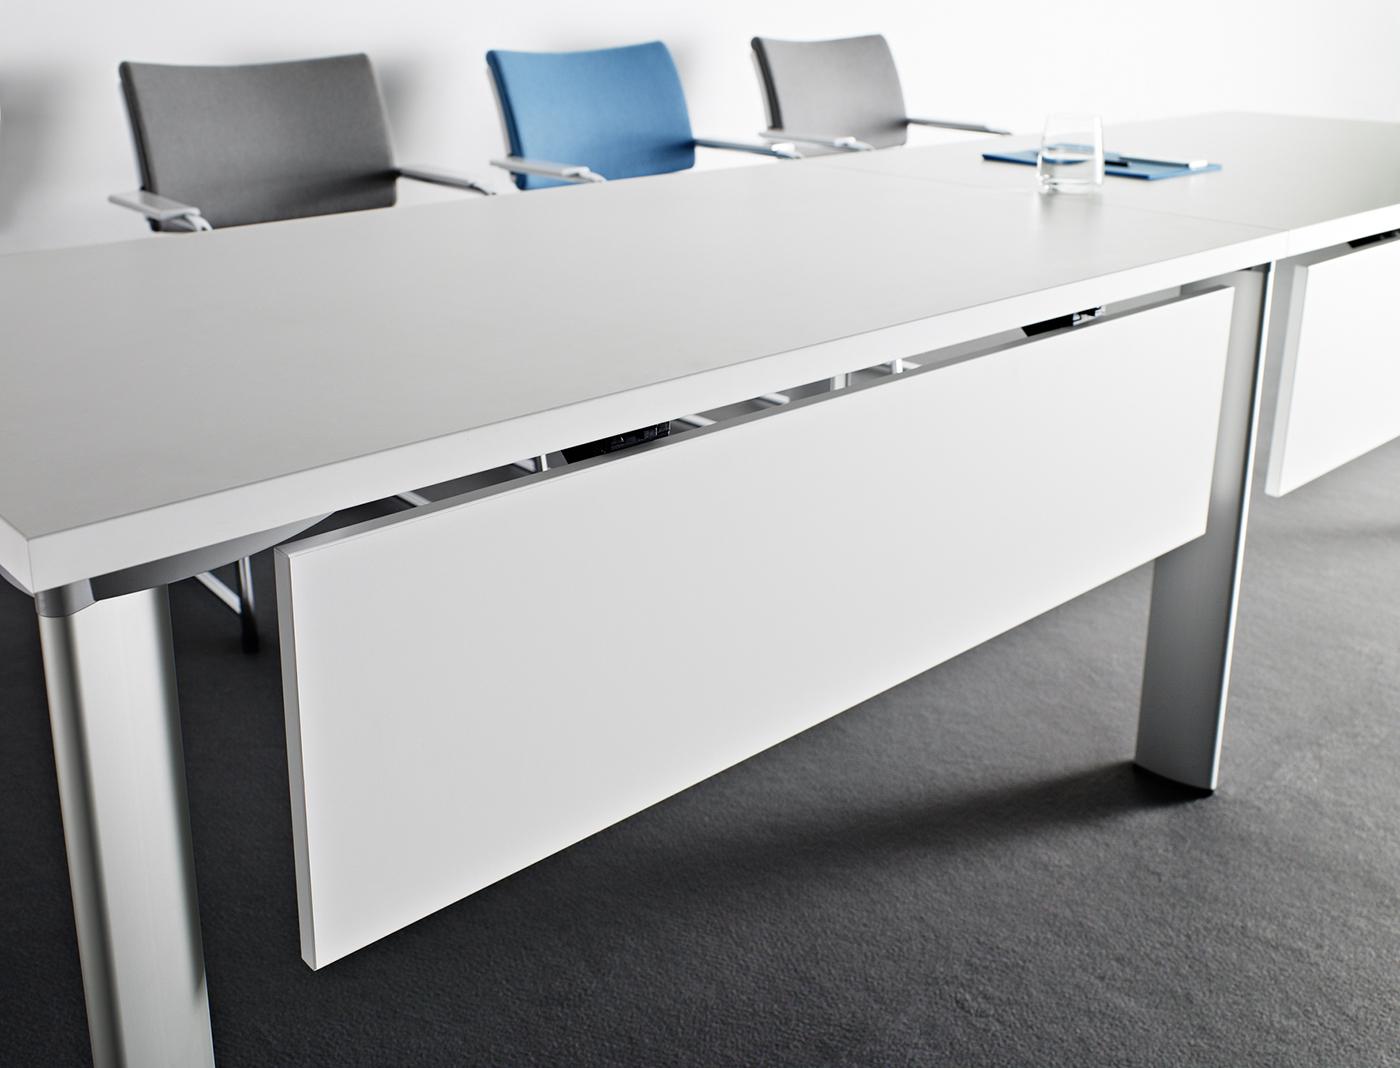 Blendy przy stołach modułowych konferencyjnych CX 3200 panele dolne, płytowe lub metalowe